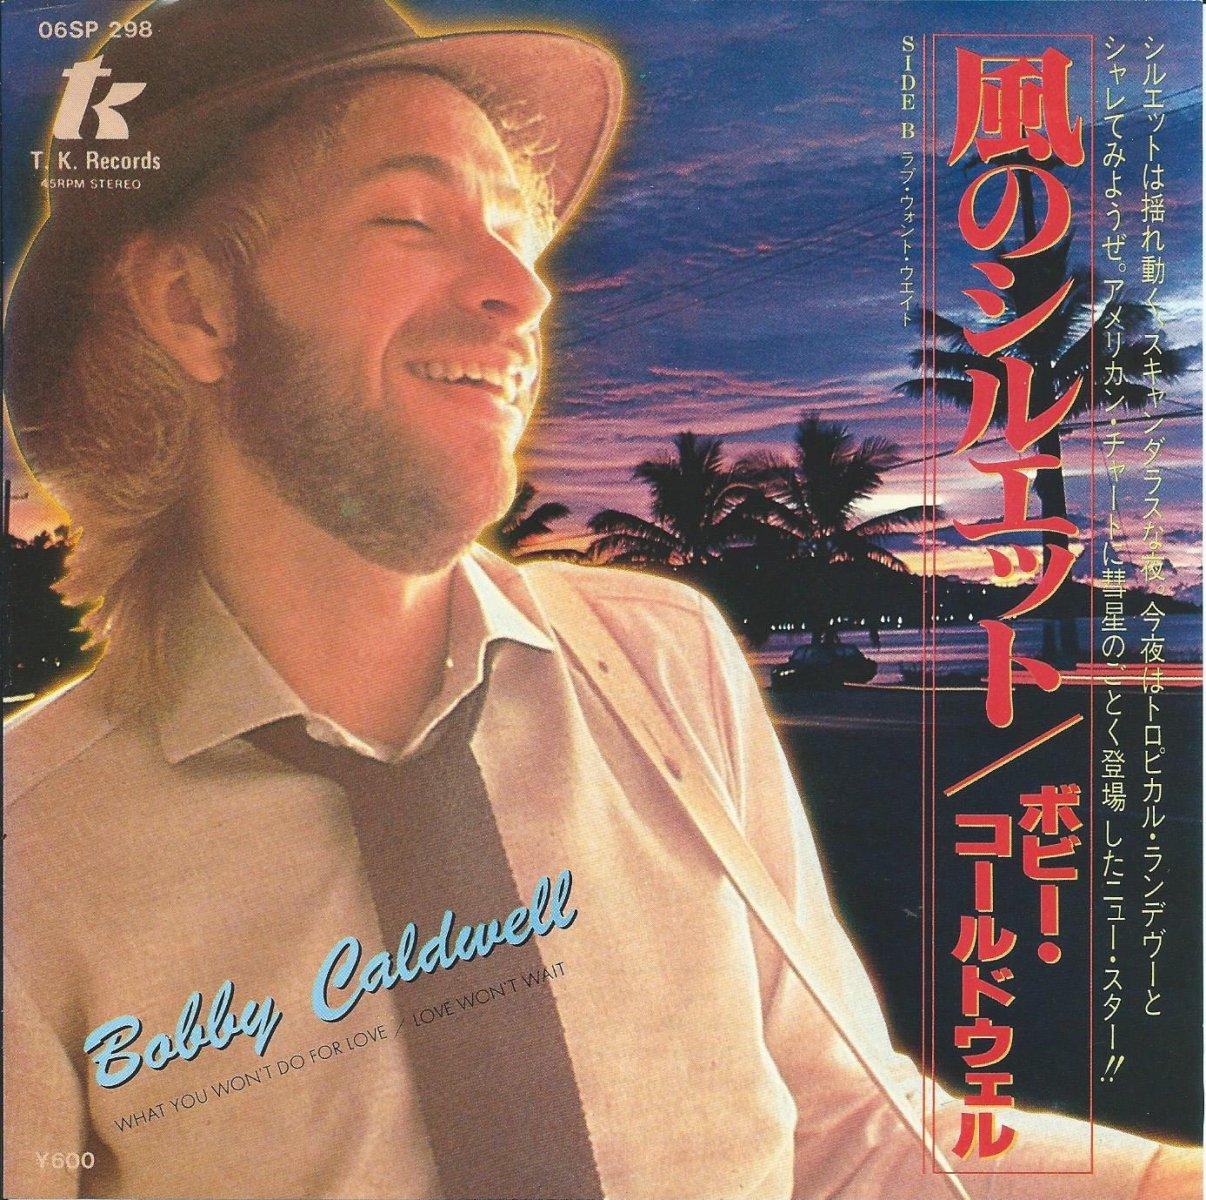 ボビー・コールドウェル BOBBY CALDWELL / 風のシルエット WHAT YOU WON'T DO FOR LOVE (7